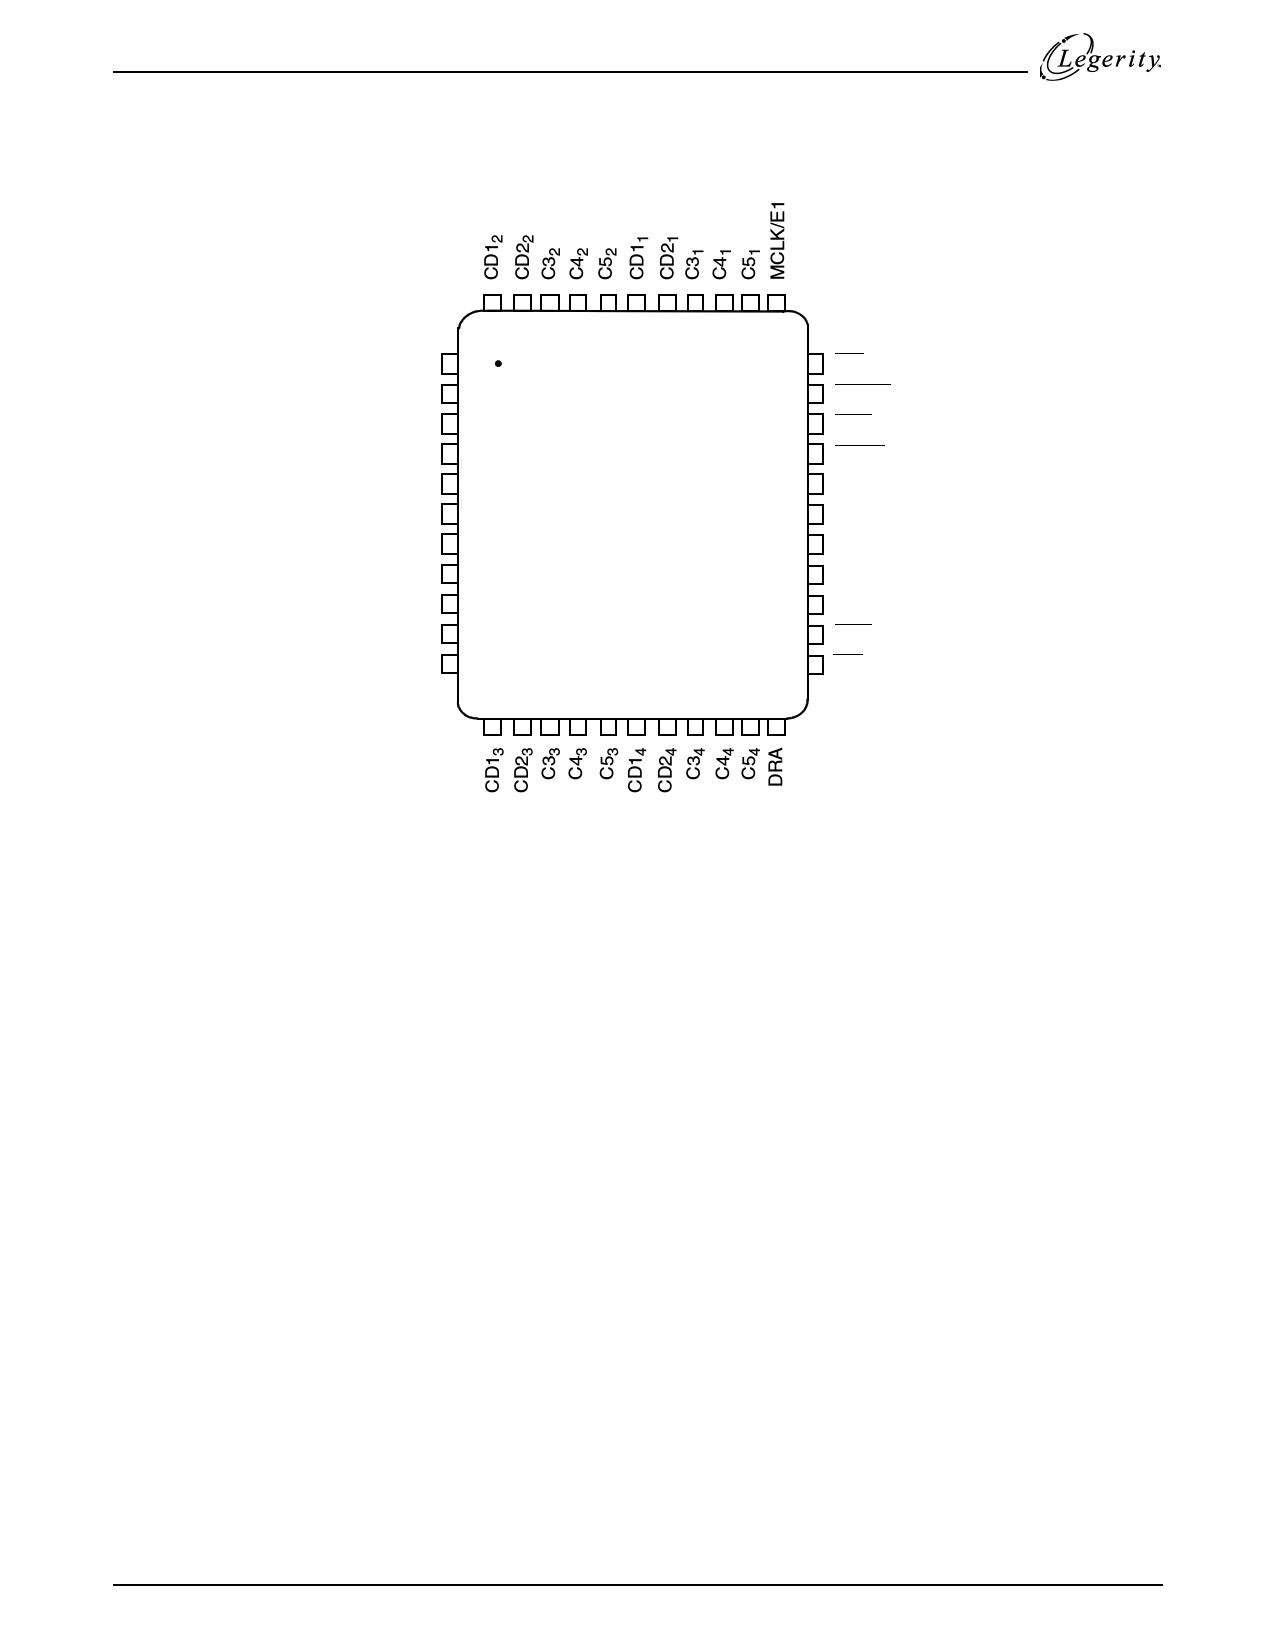 Am79Q02 전자부품, 판매, 대치품